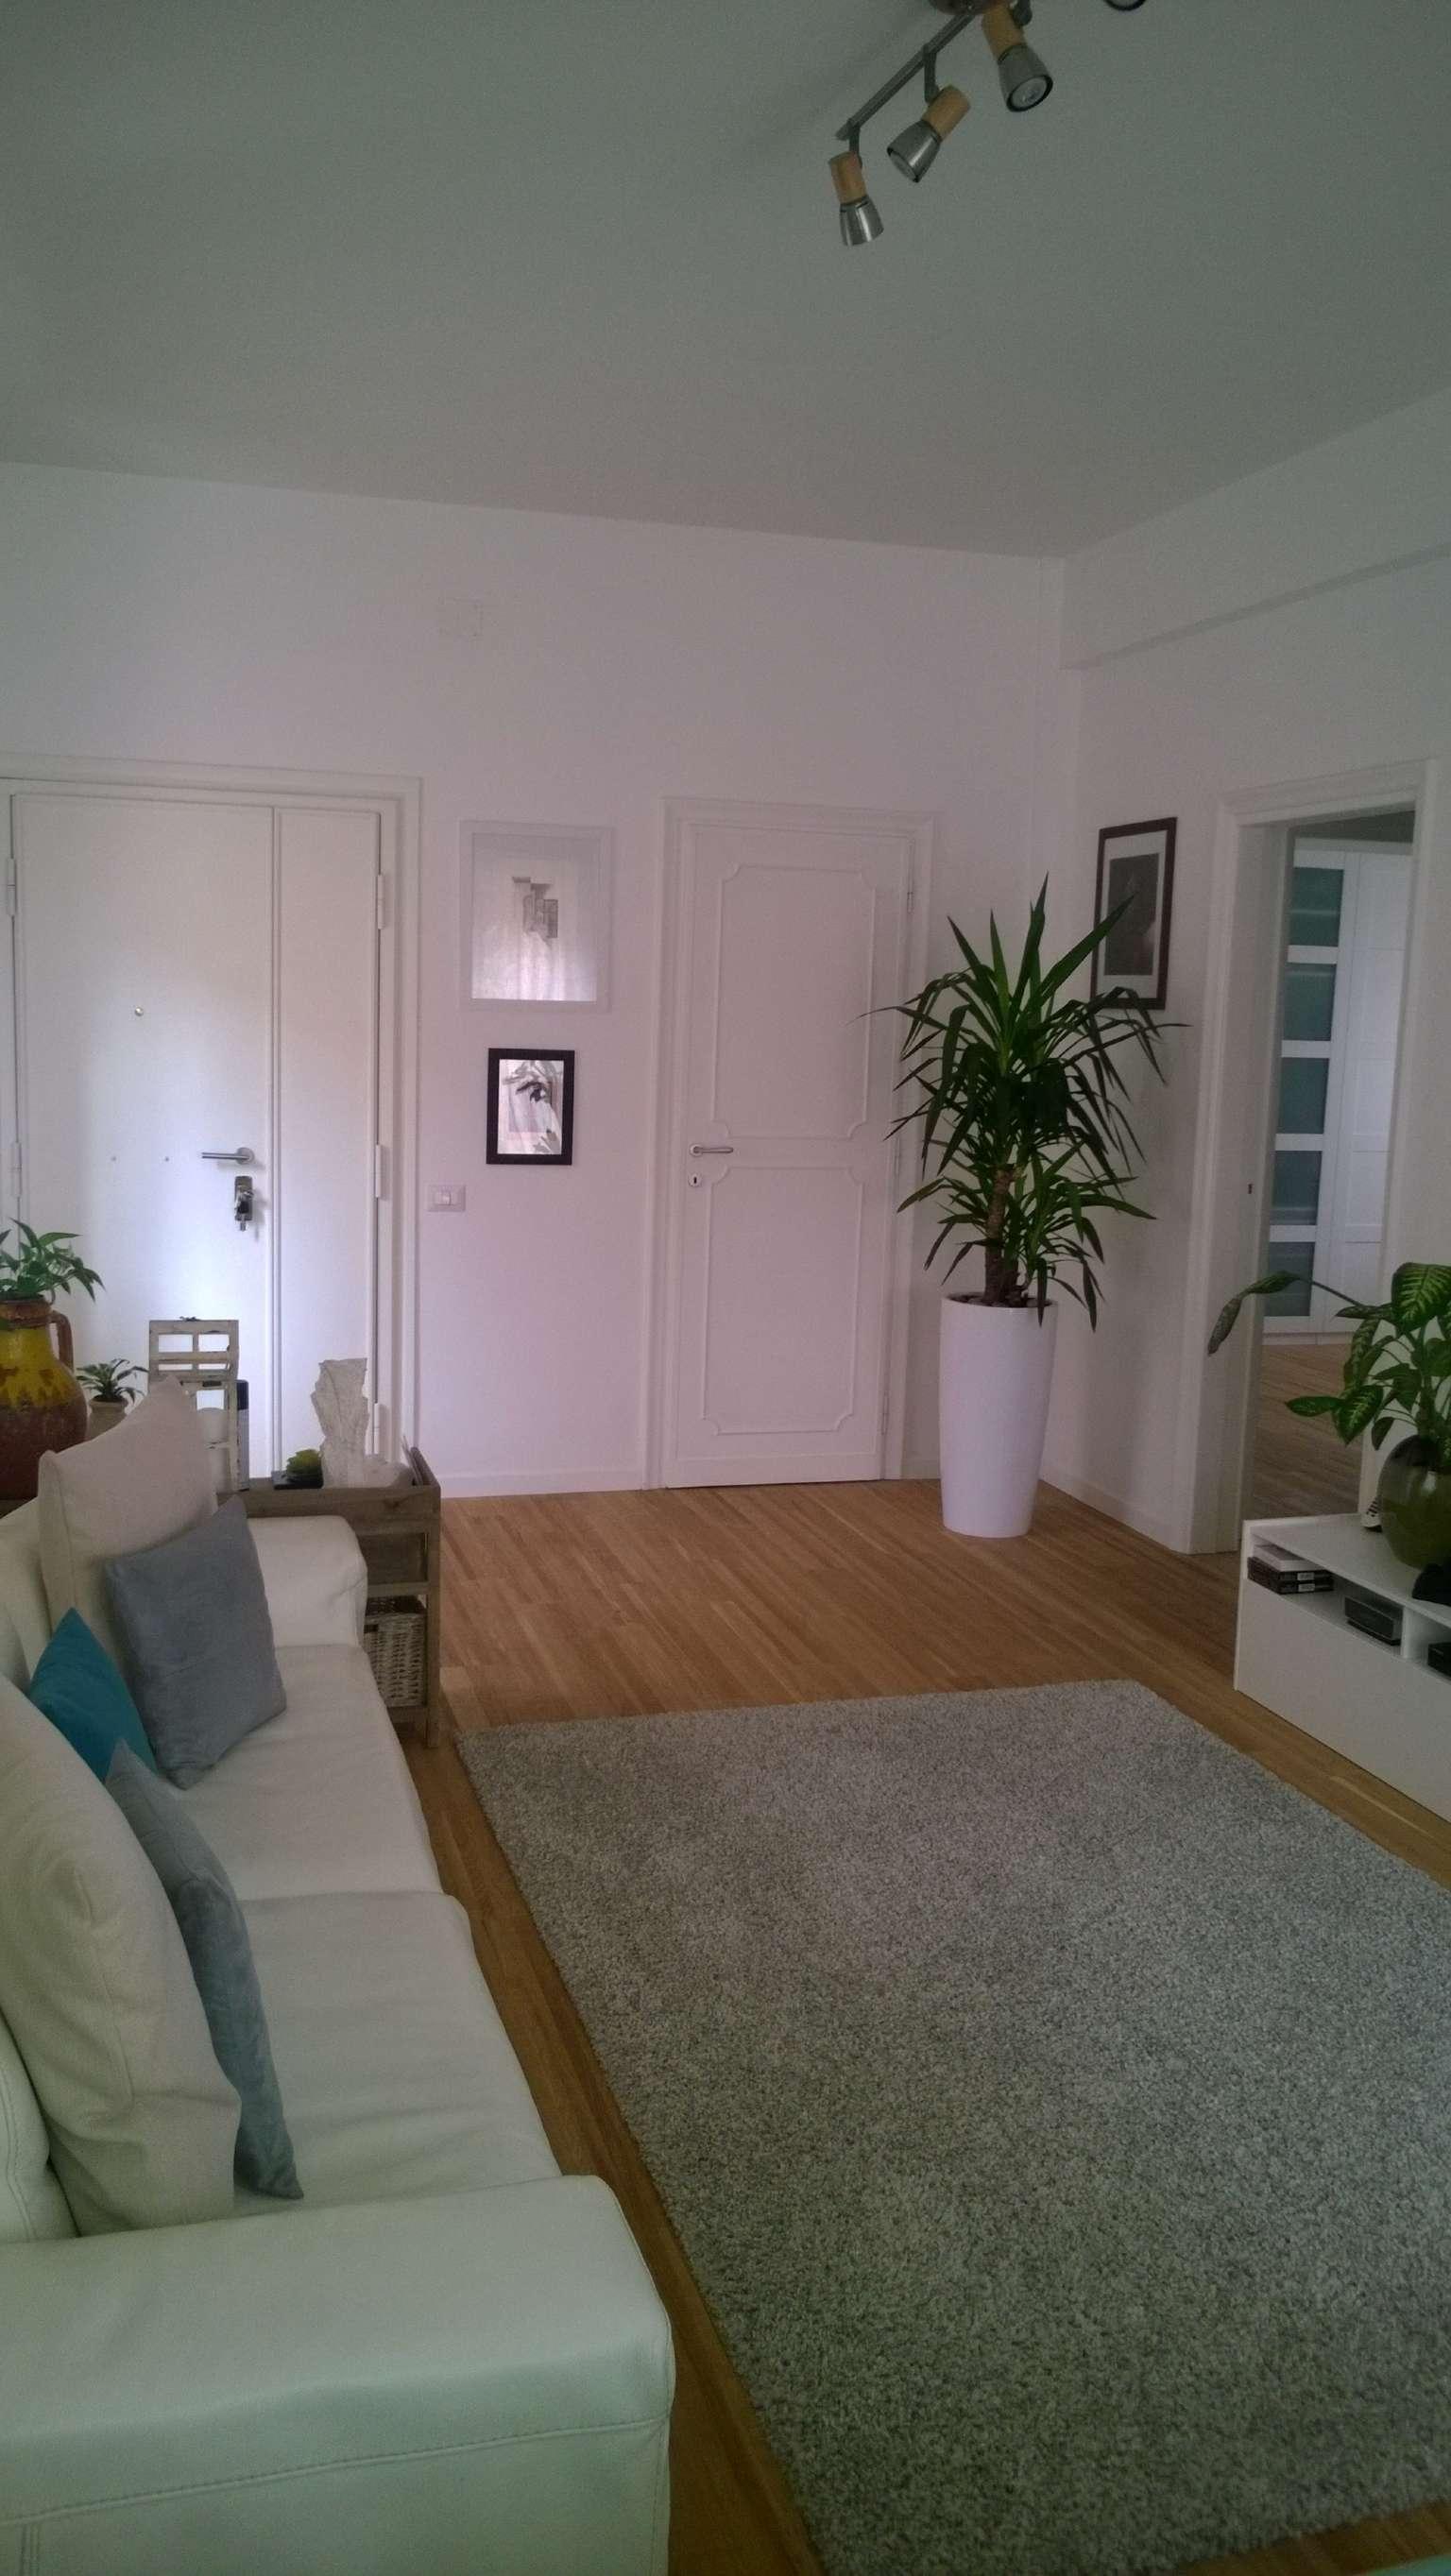 Appartamento in vendita a Roma, 3 locali, zona Zona: 22 . Eur - Torrino - Spinaceto, prezzo € 300.000 | CambioCasa.it